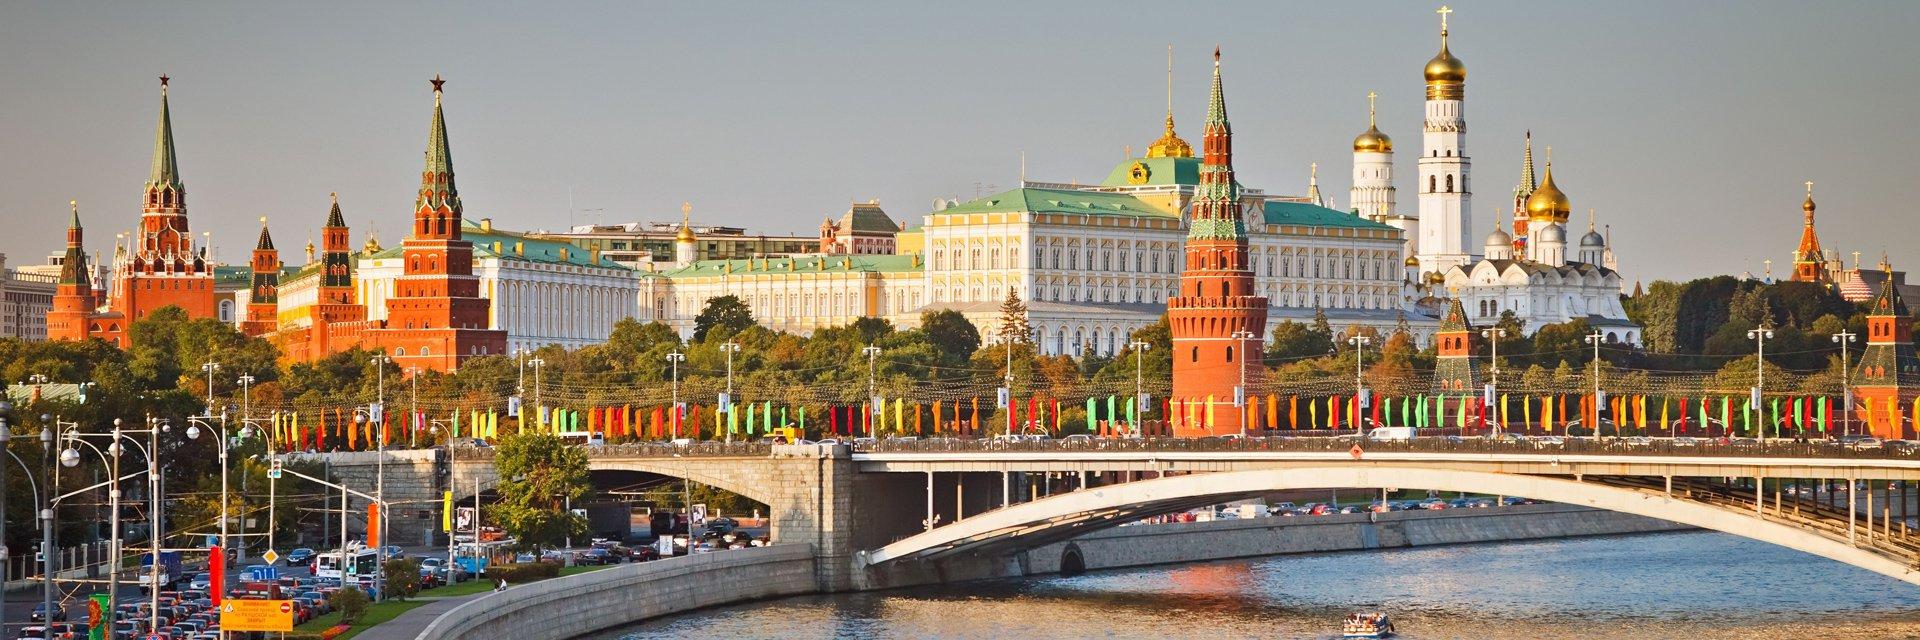 Туры в Россию 2020, путевки из Москвы - цены на отдых в России - ПАКС